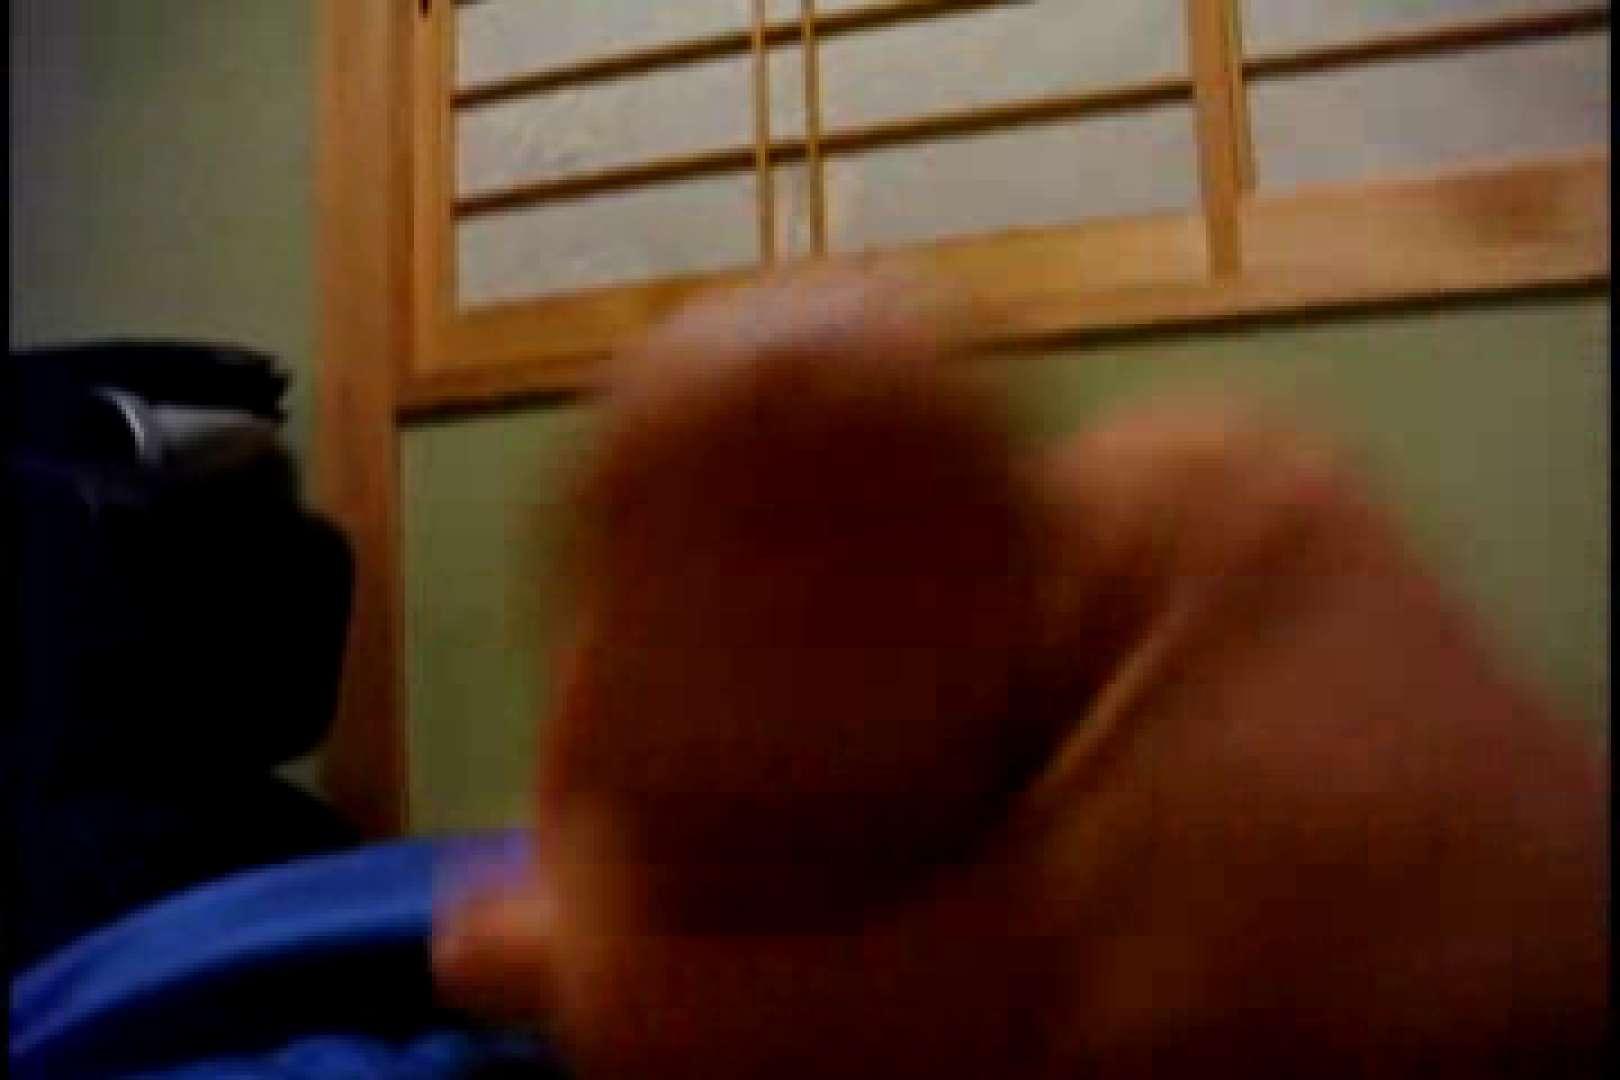 オナ好きノンケテニス部員の自画撮り投稿vol.02 射精 ゲイ無修正動画画像 102枚 58